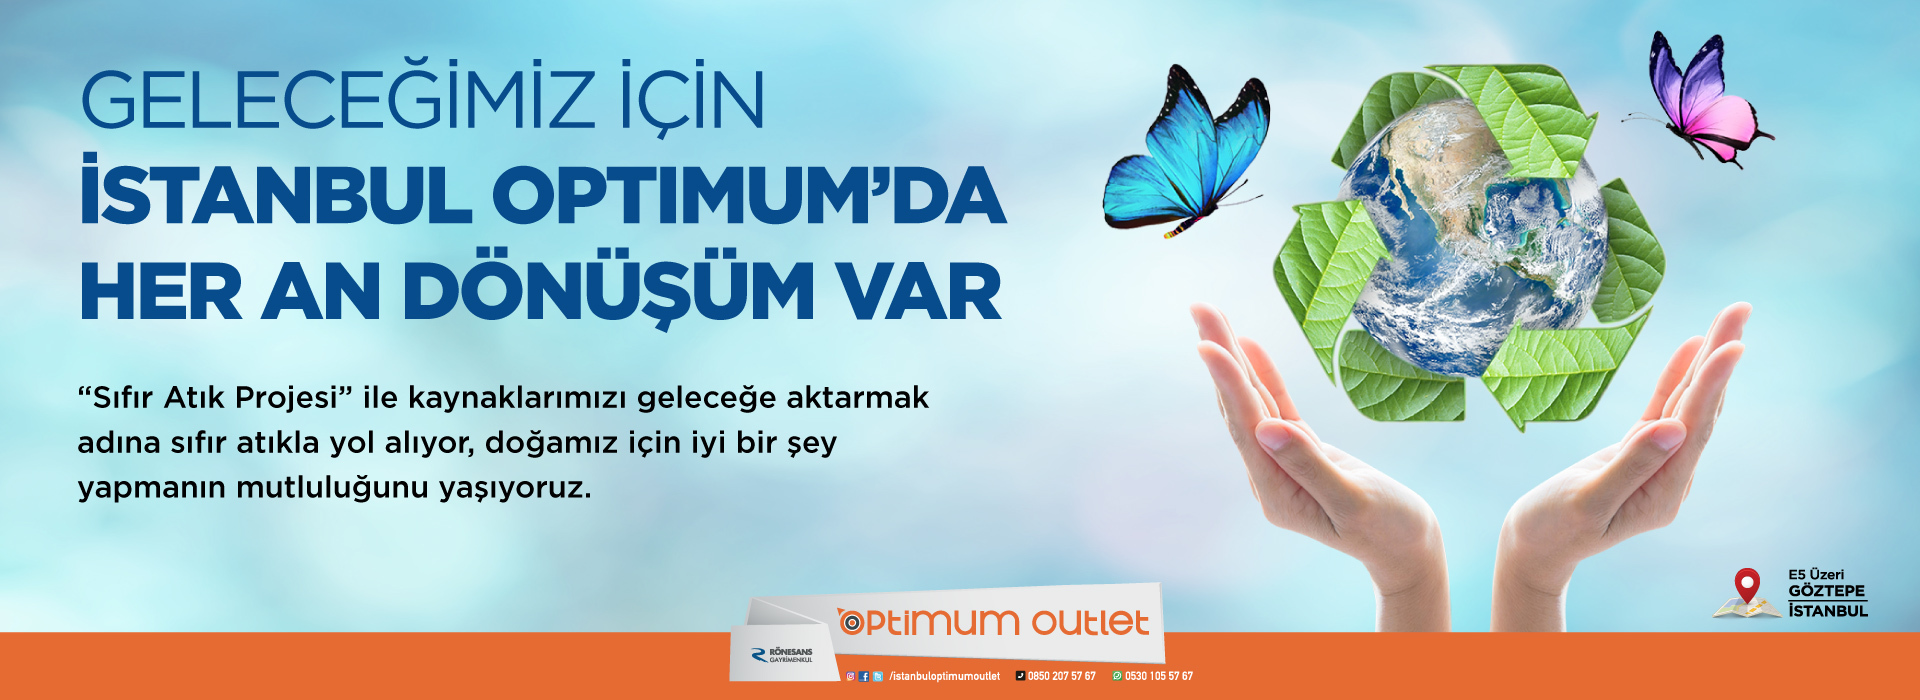 fb57e8498463a Geleceğimiz İçin İstanbul Optimum'da Her An Dönüşüm ...